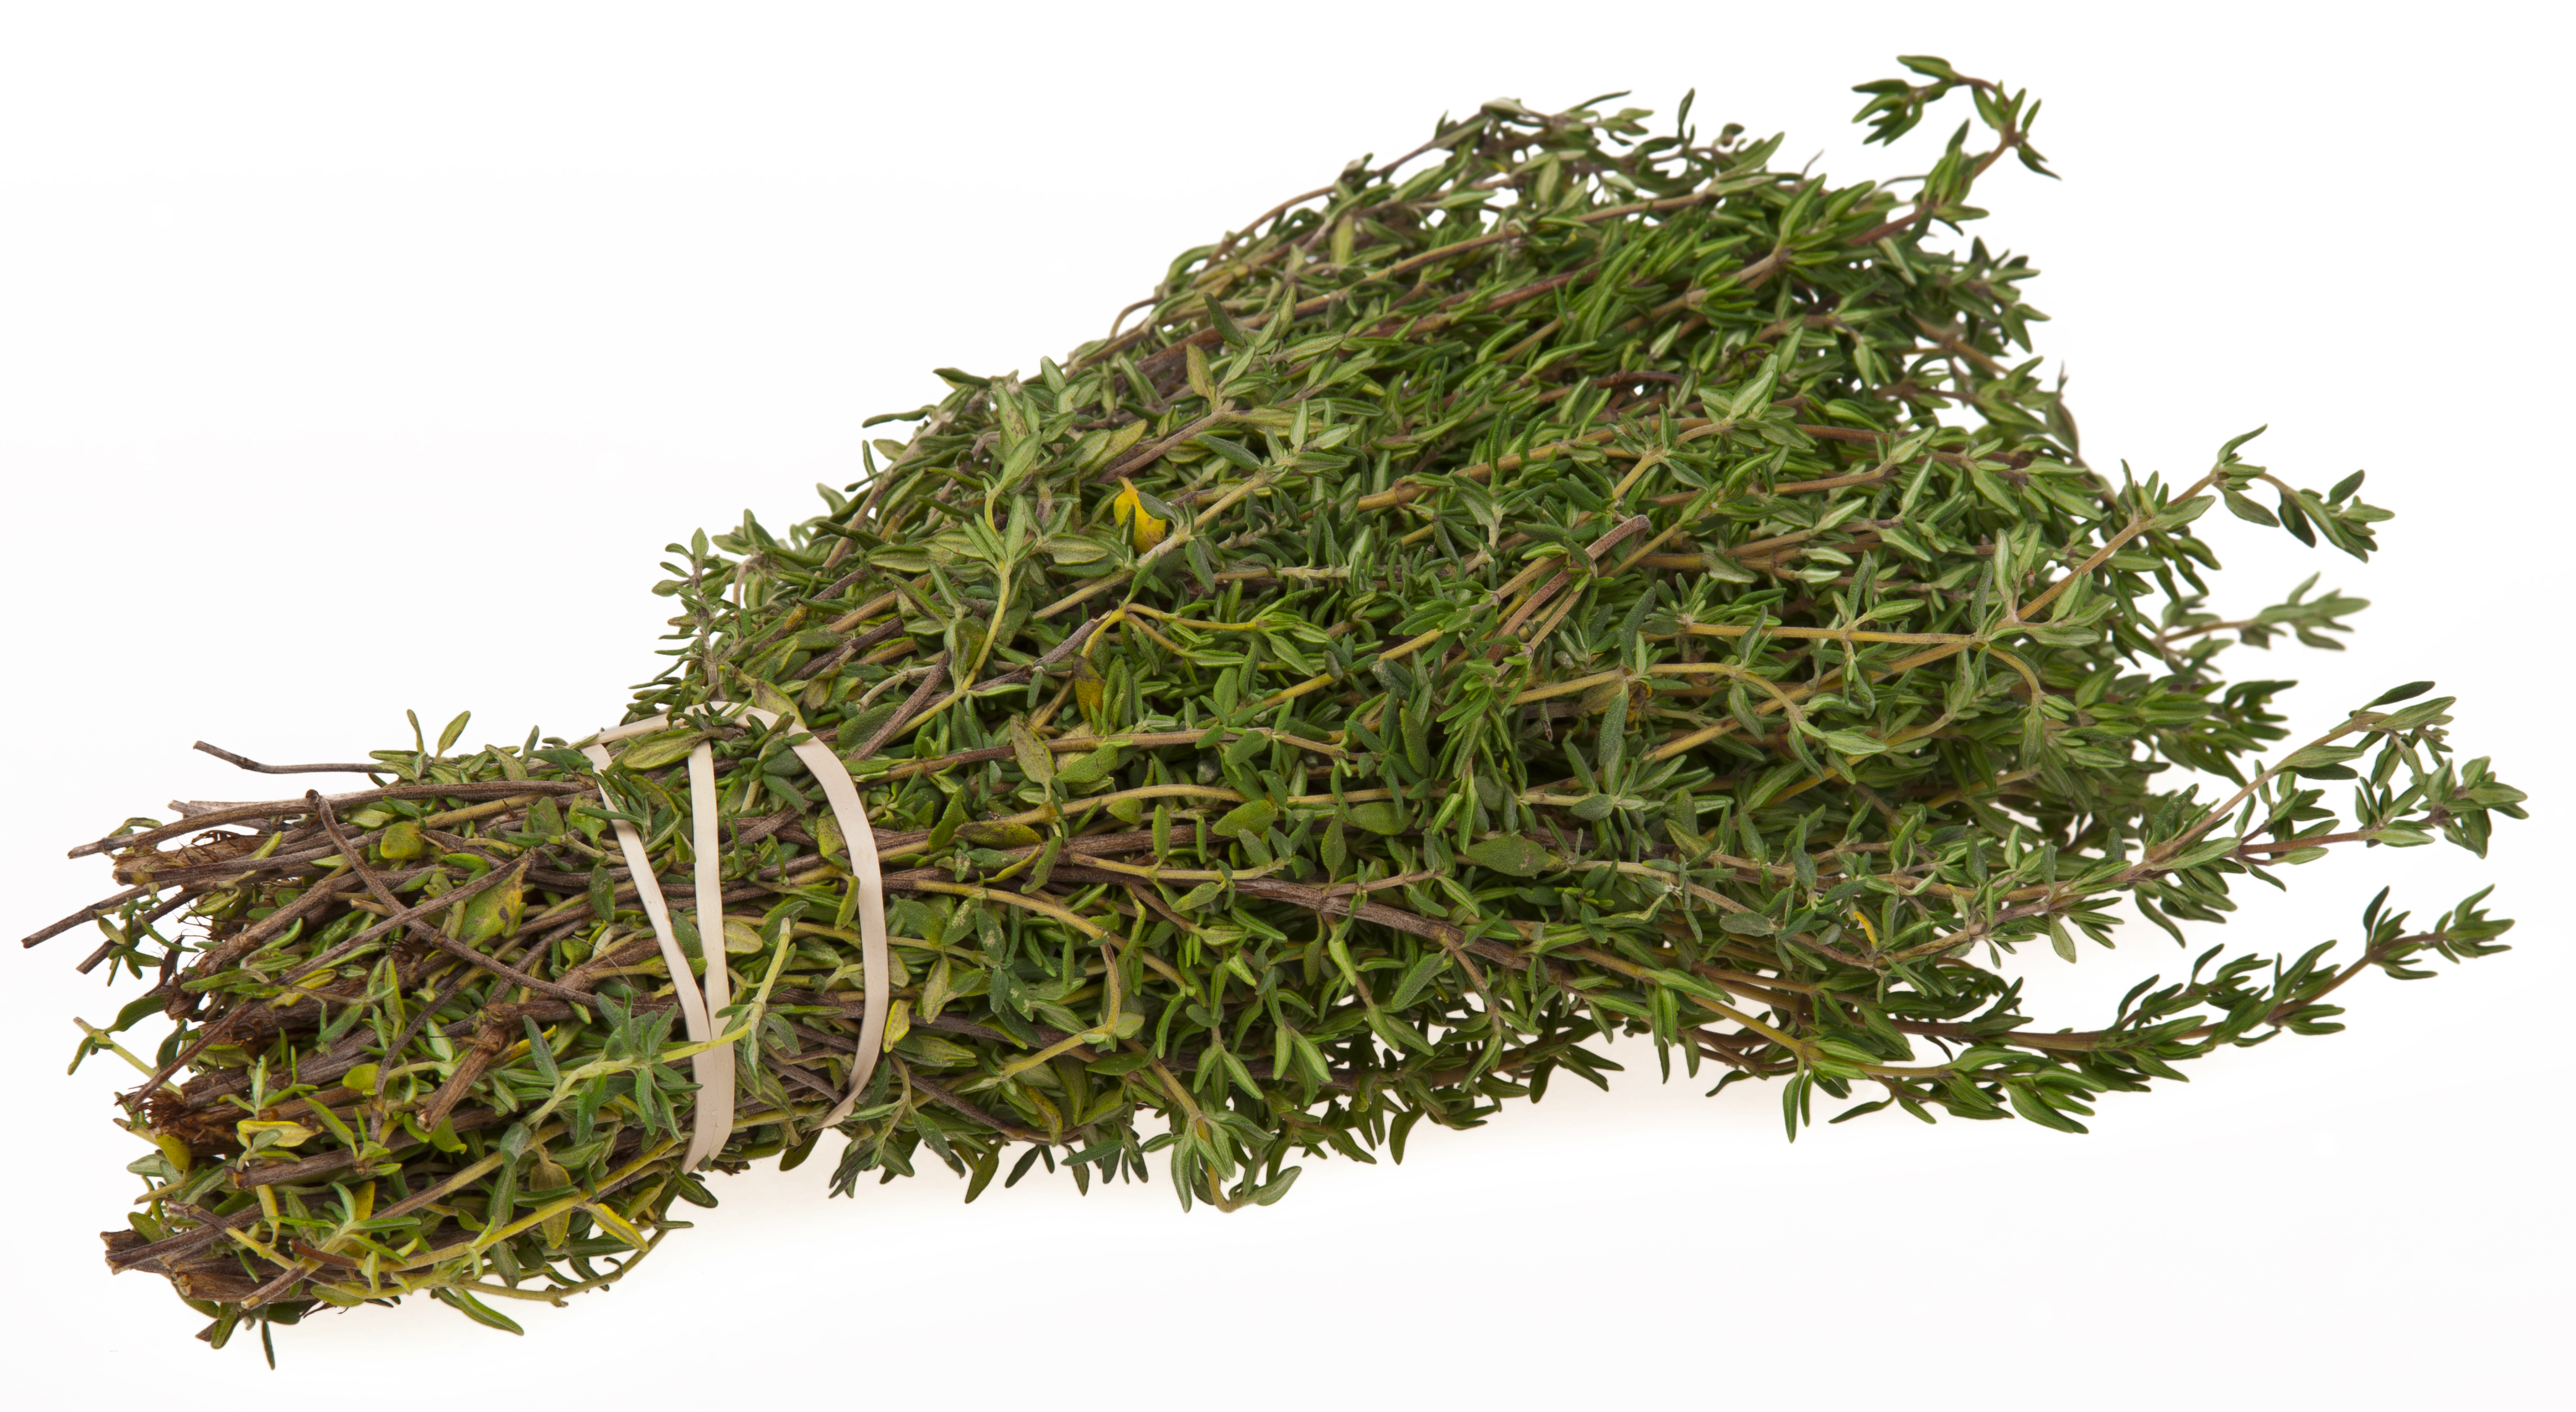 Чабрец (тимьян): особенности выращивания в квартире и условиях Подмосковья